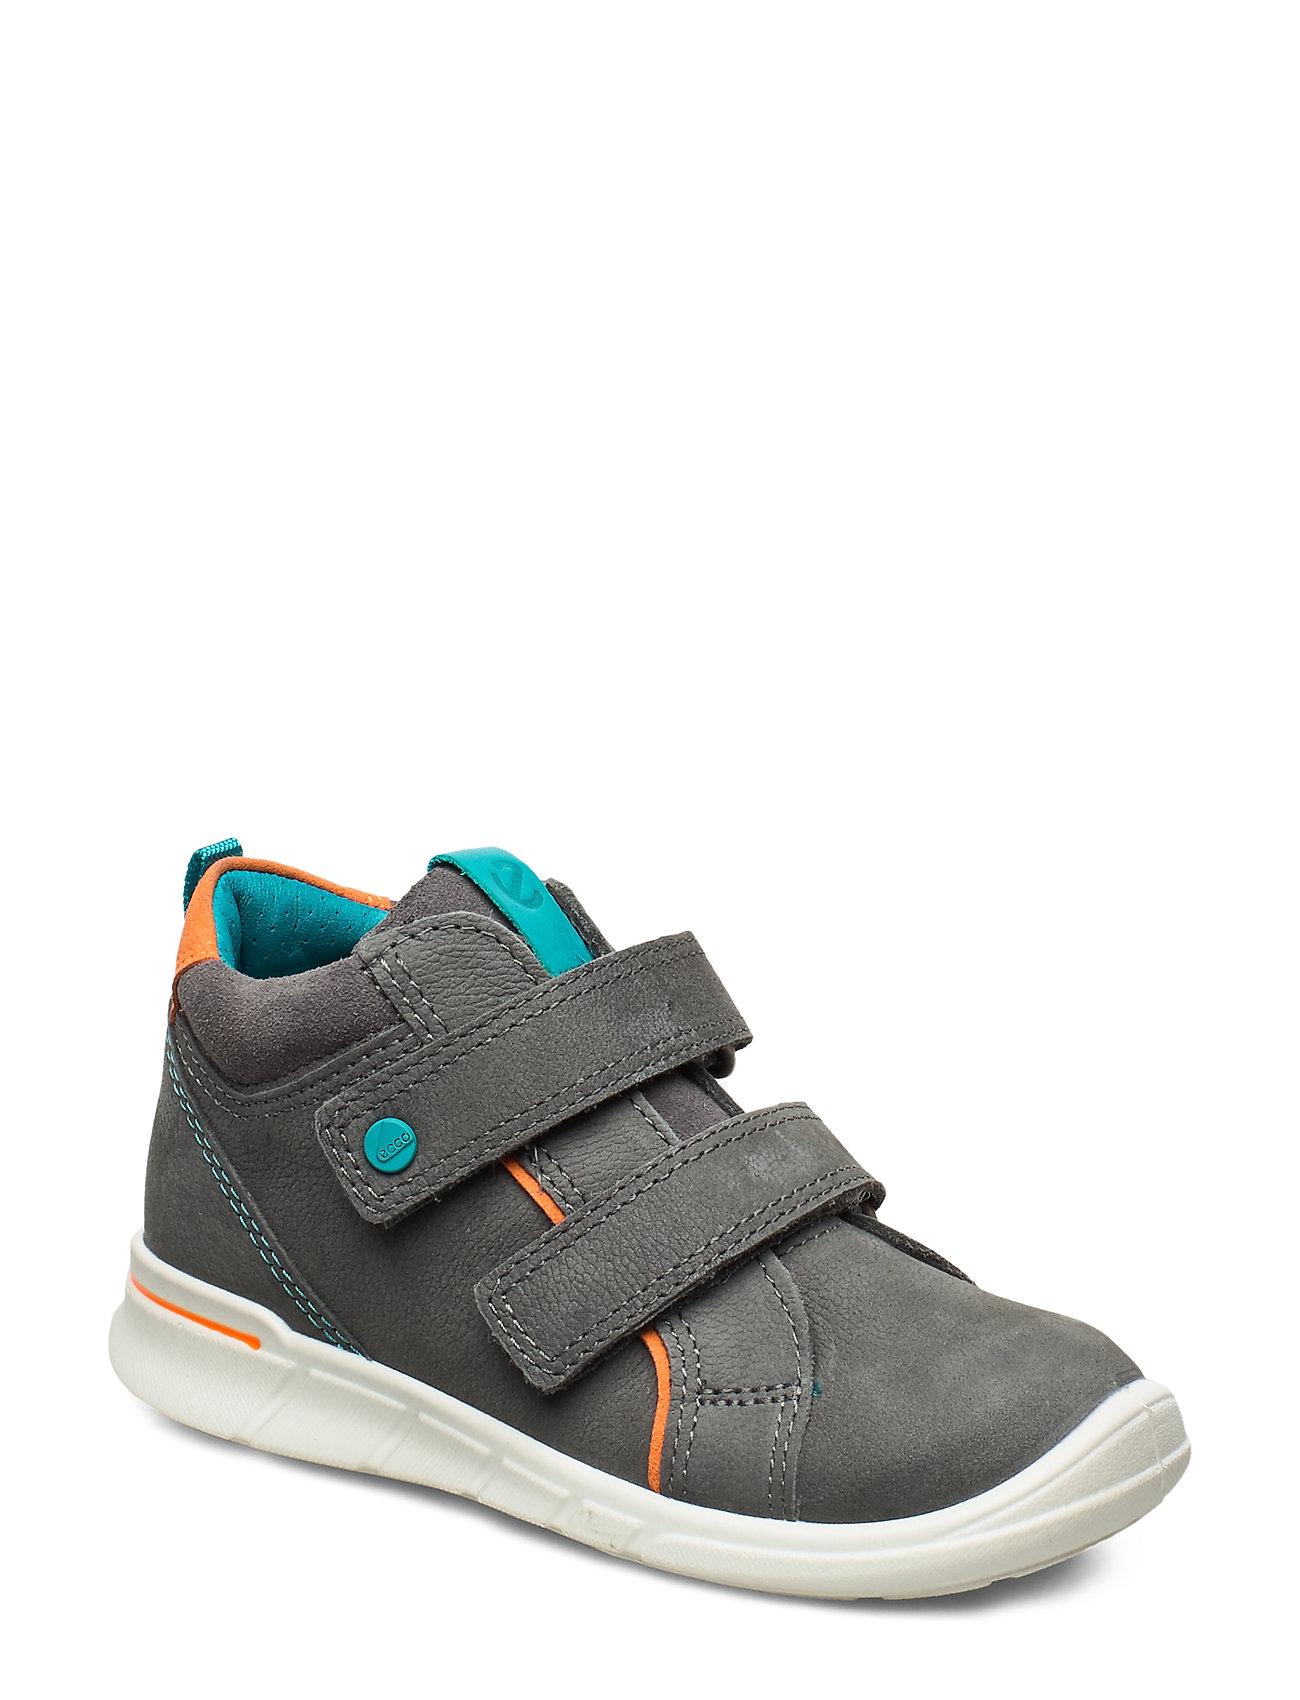 Image of First Sneakers Sko Grå ECCO (3293915287)